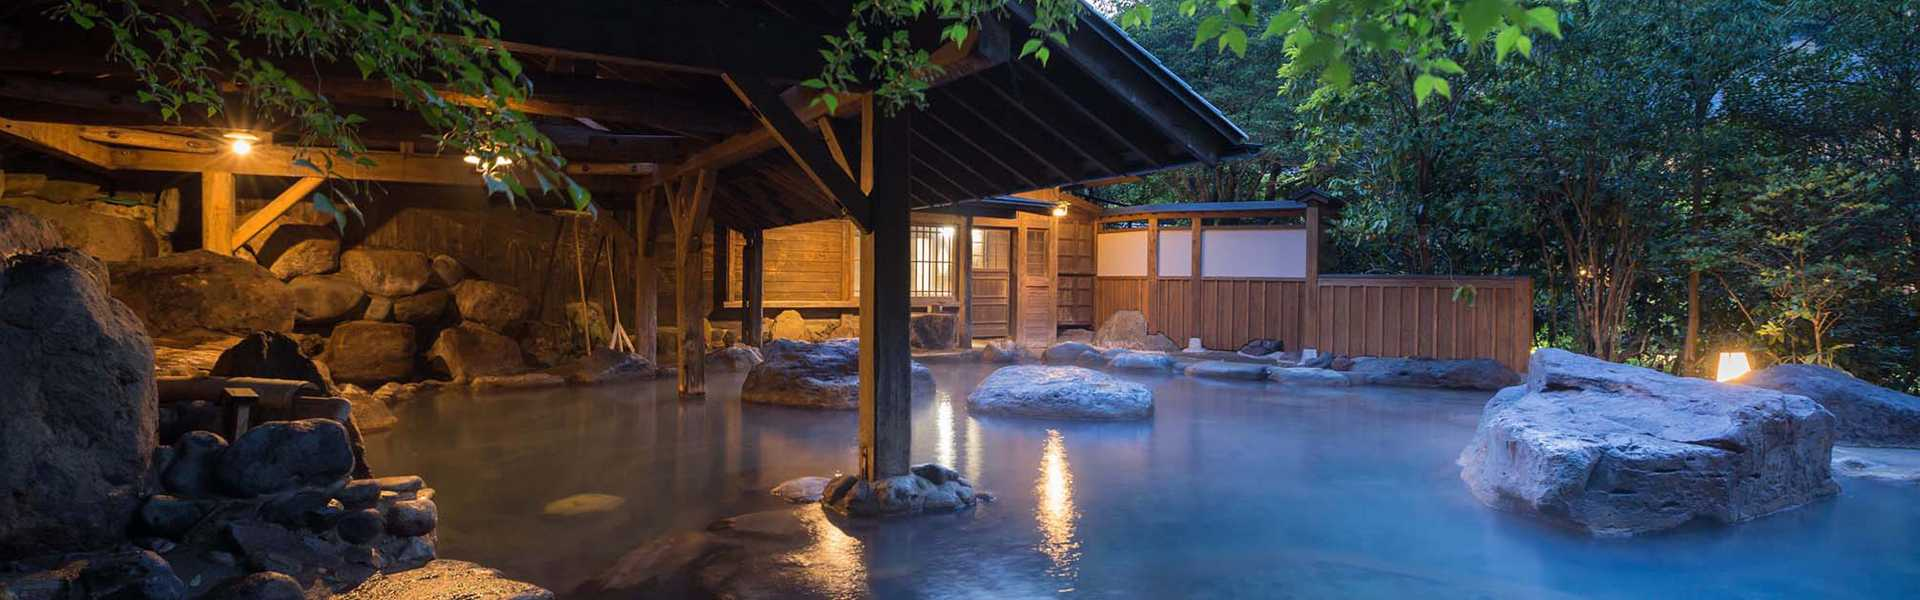 onsen à Minamioguni au Japon